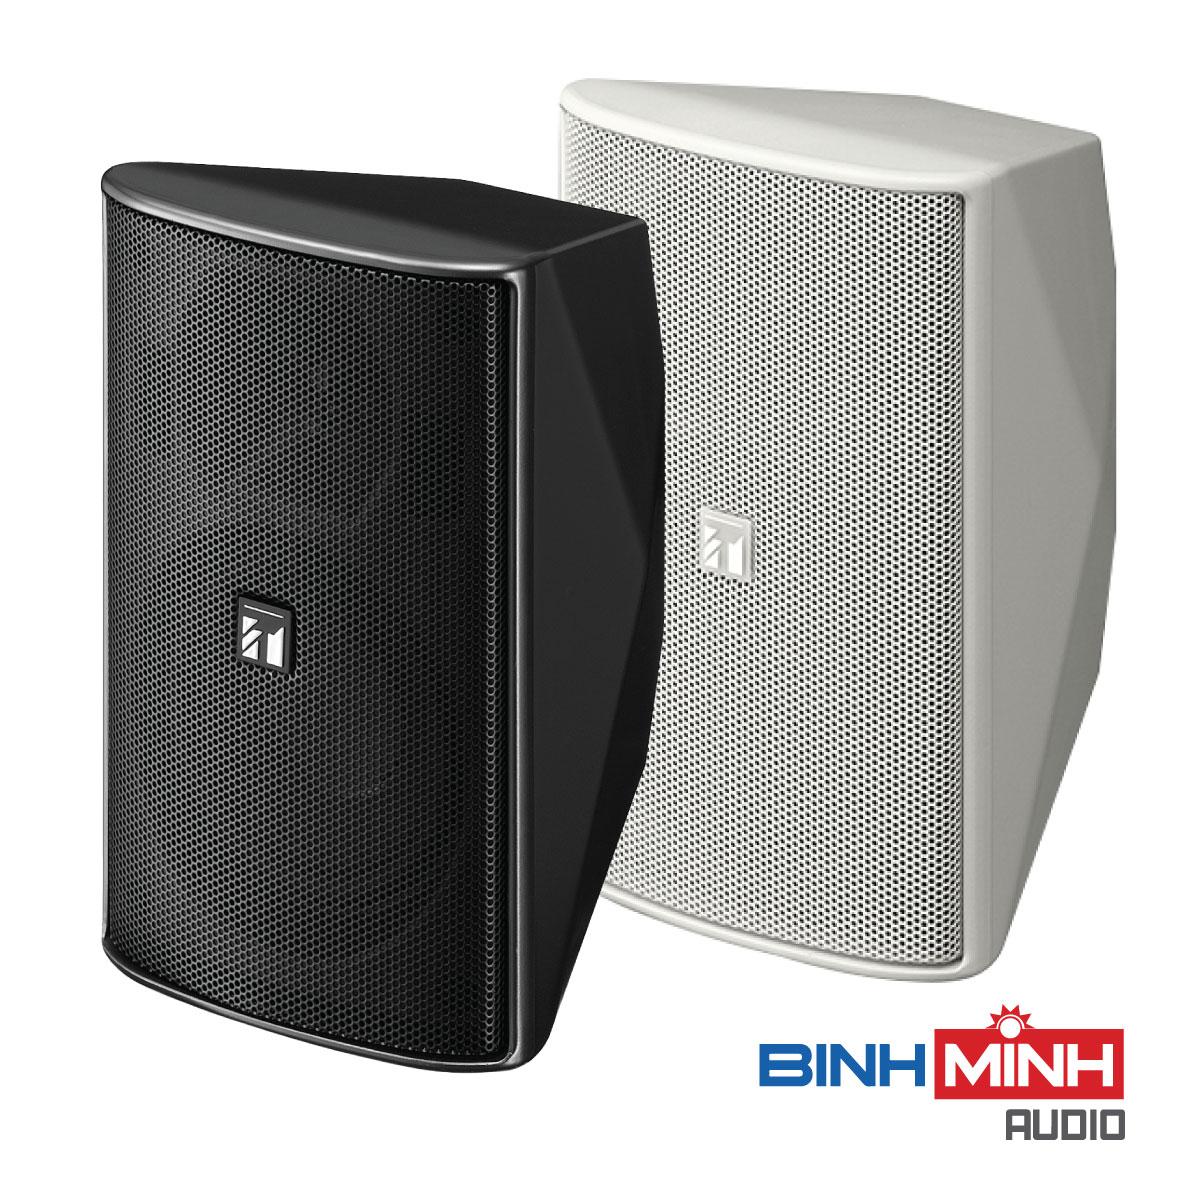 Loa hộp treo tường 60W TOA F-2000WT/BT Giá Tốt Tại Binh Minh AudioBình Minh  Audio – Âm Thanh Chuyên Nghiệp